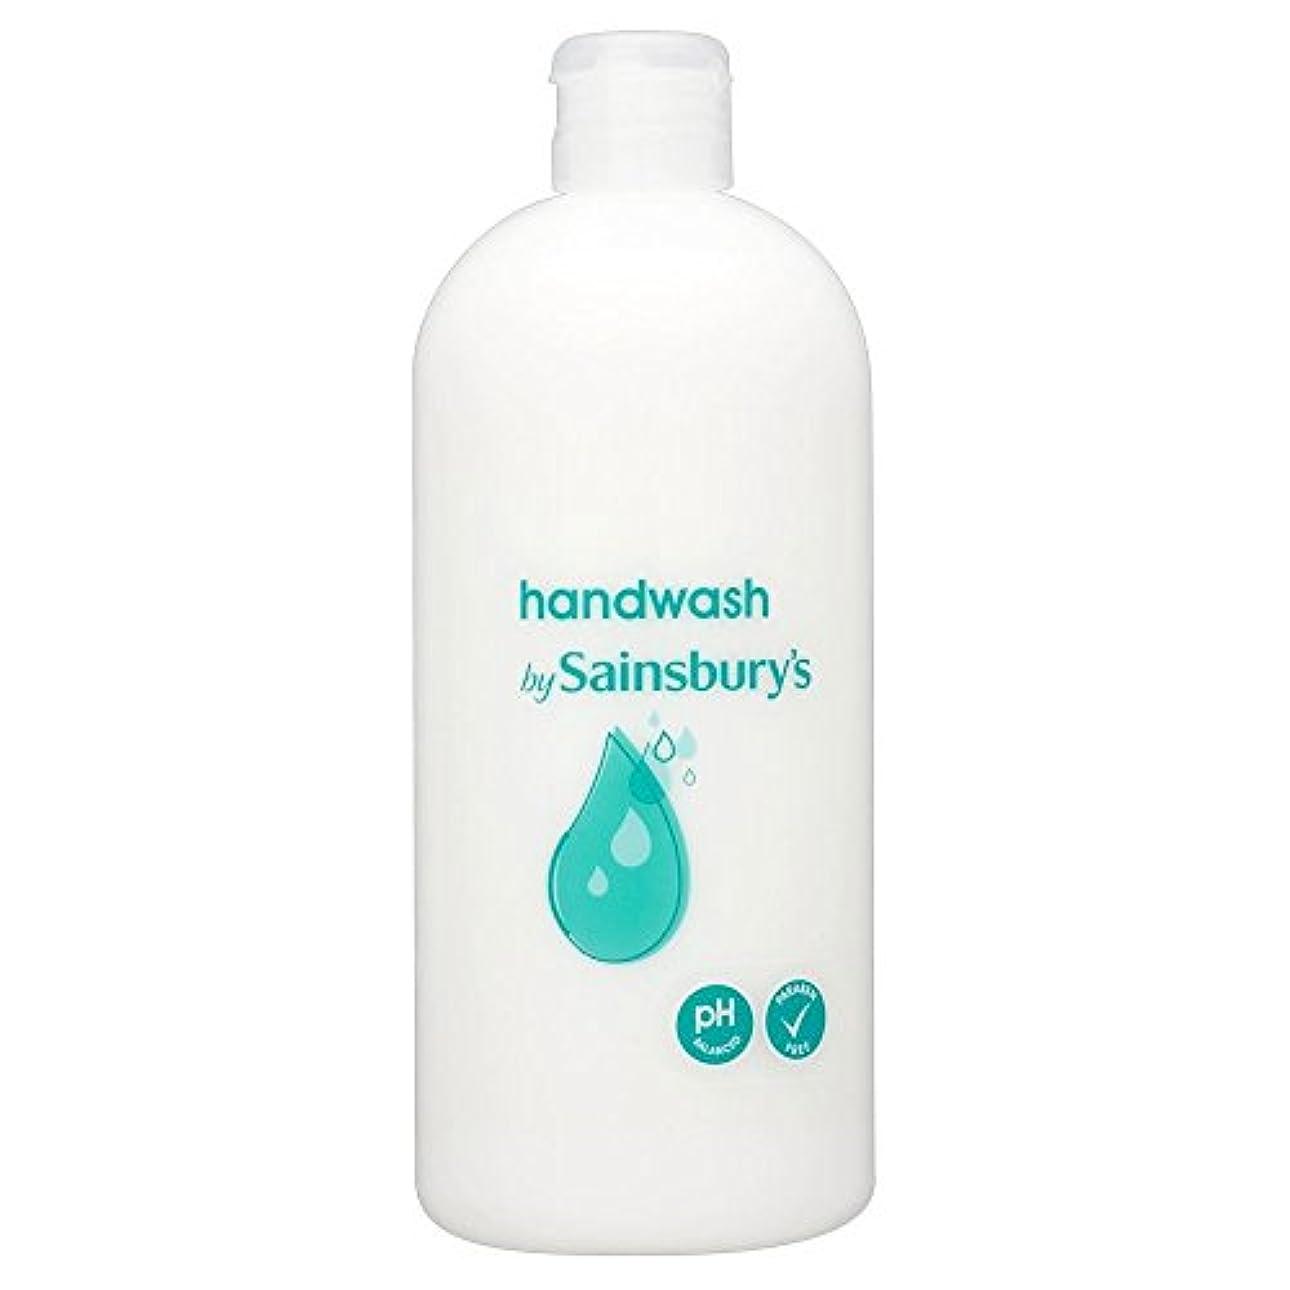 その後ミス熟読Sainsbury's Handwash, White Refill 500ml - (Sainsbury's) 手洗い、白リフィル500ミリリットル [並行輸入品]